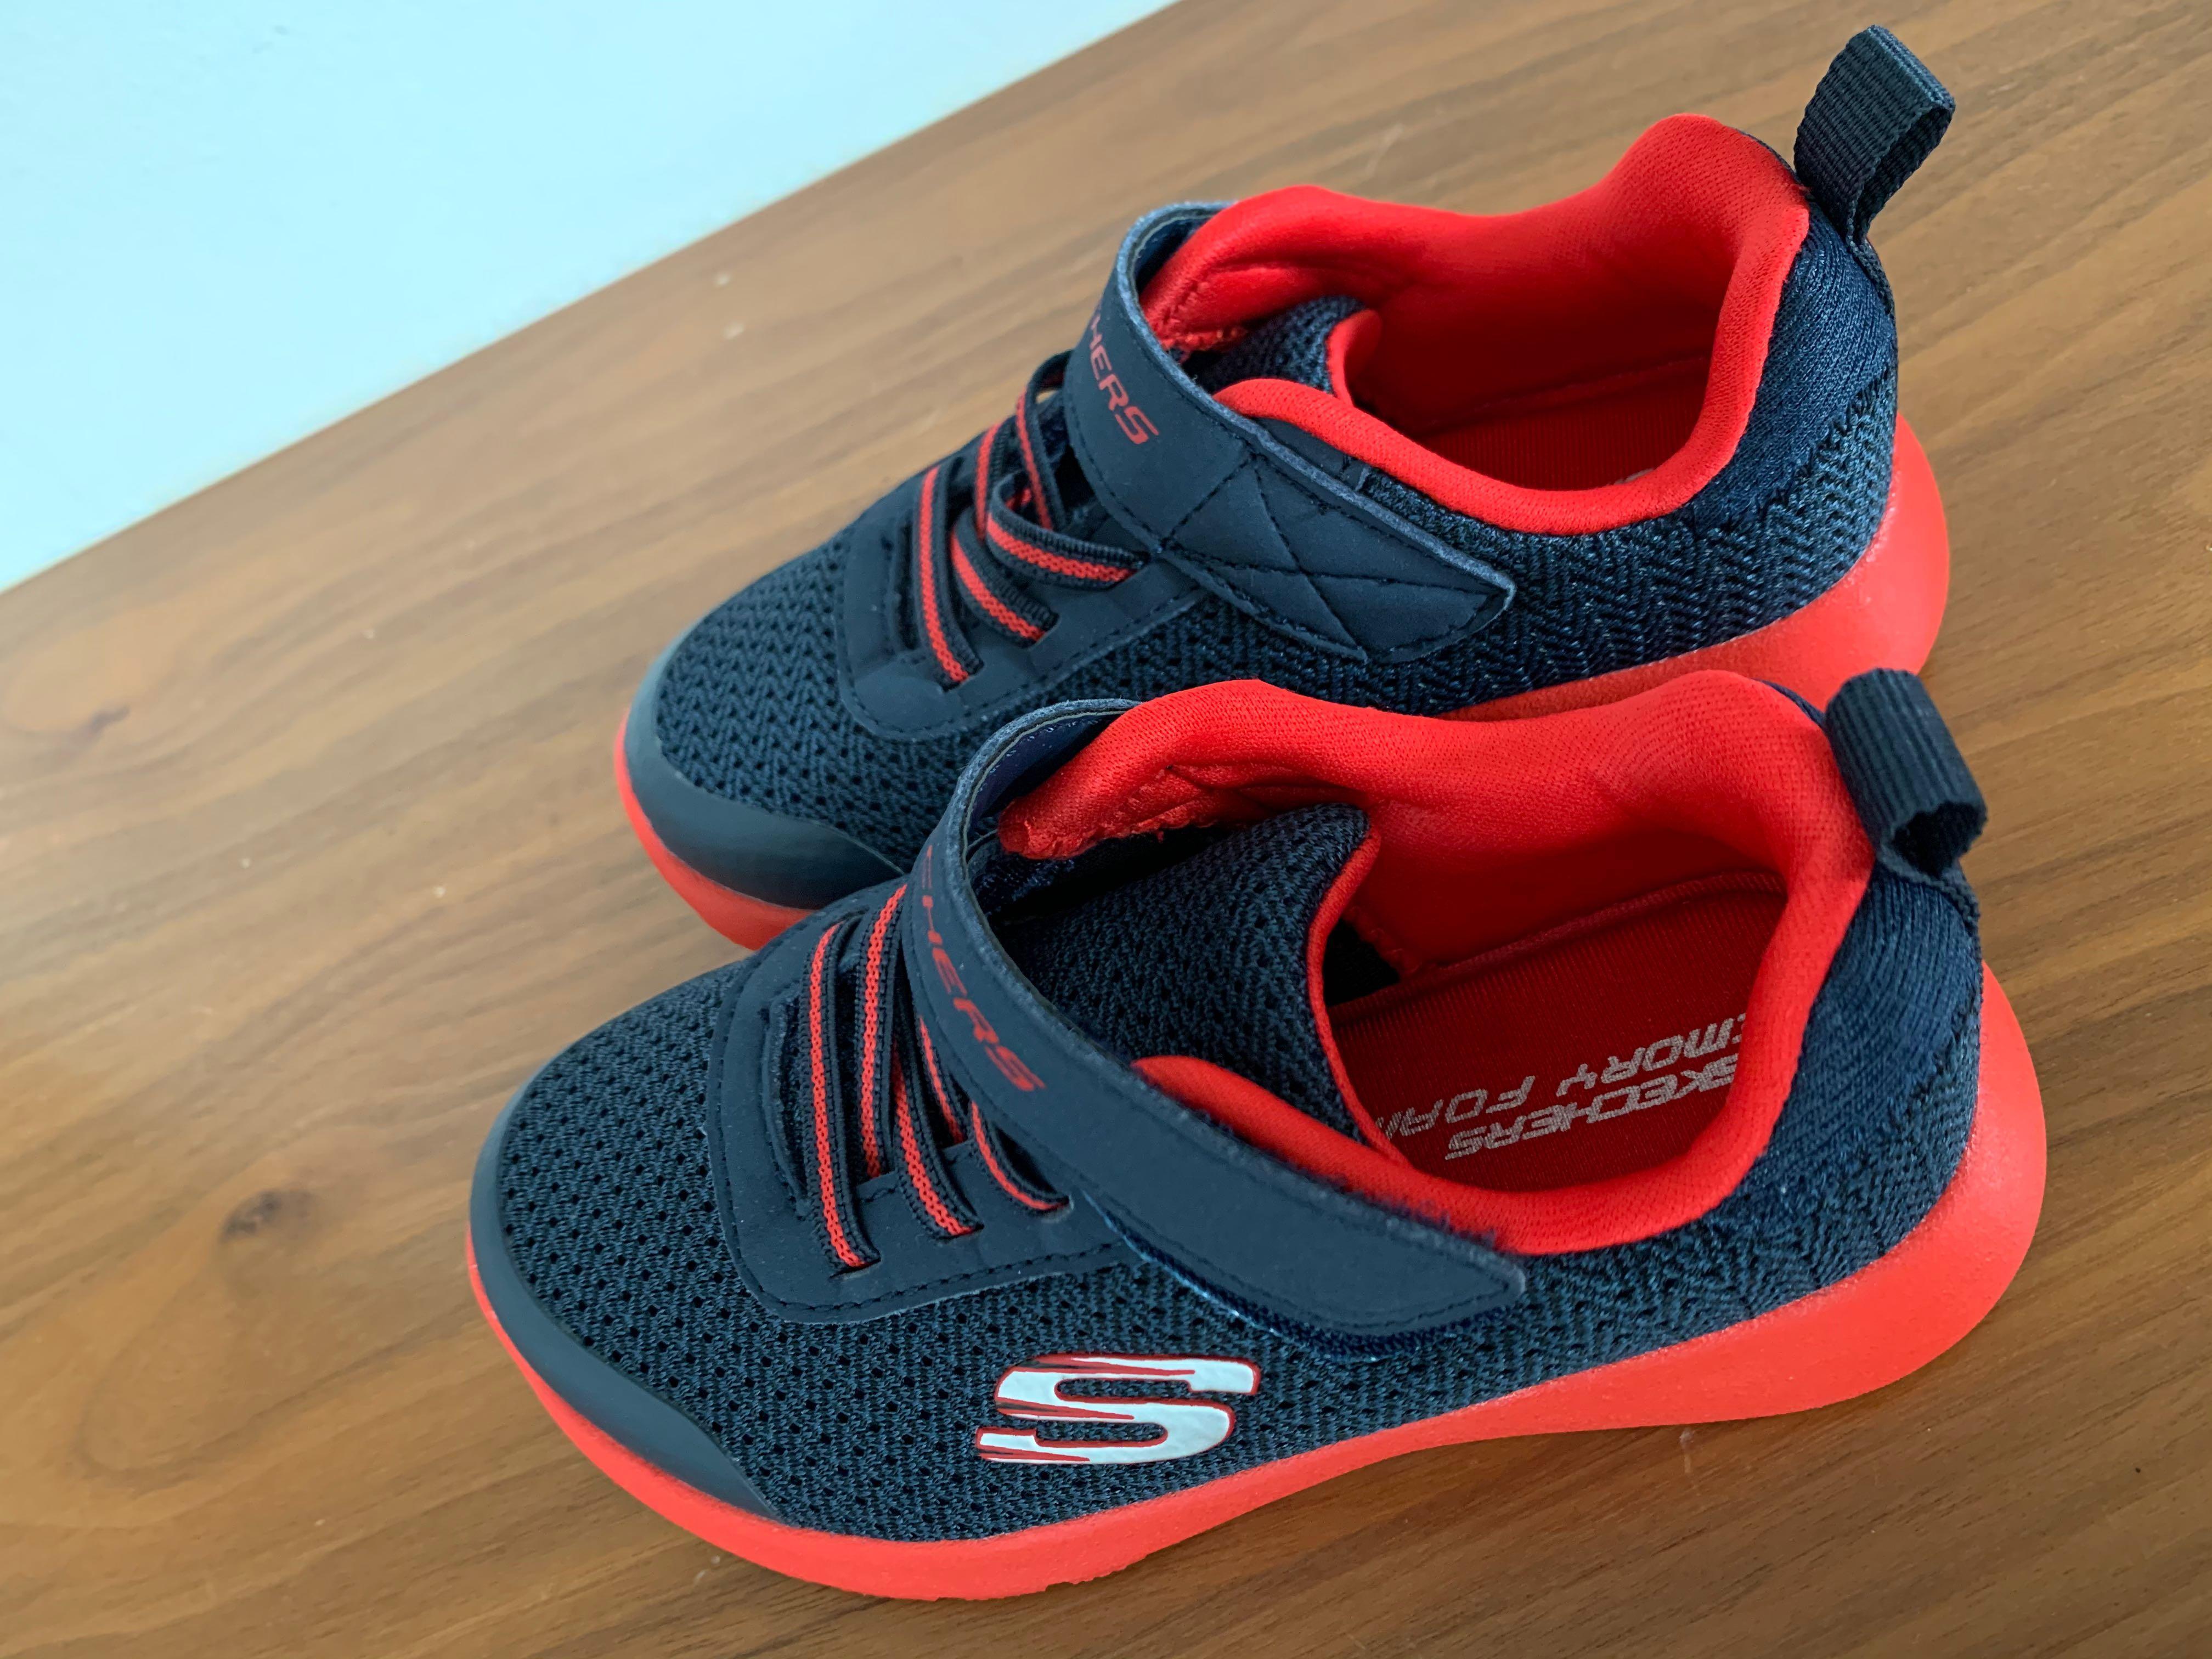 Skechers Shoes for Kids - Memory Foam